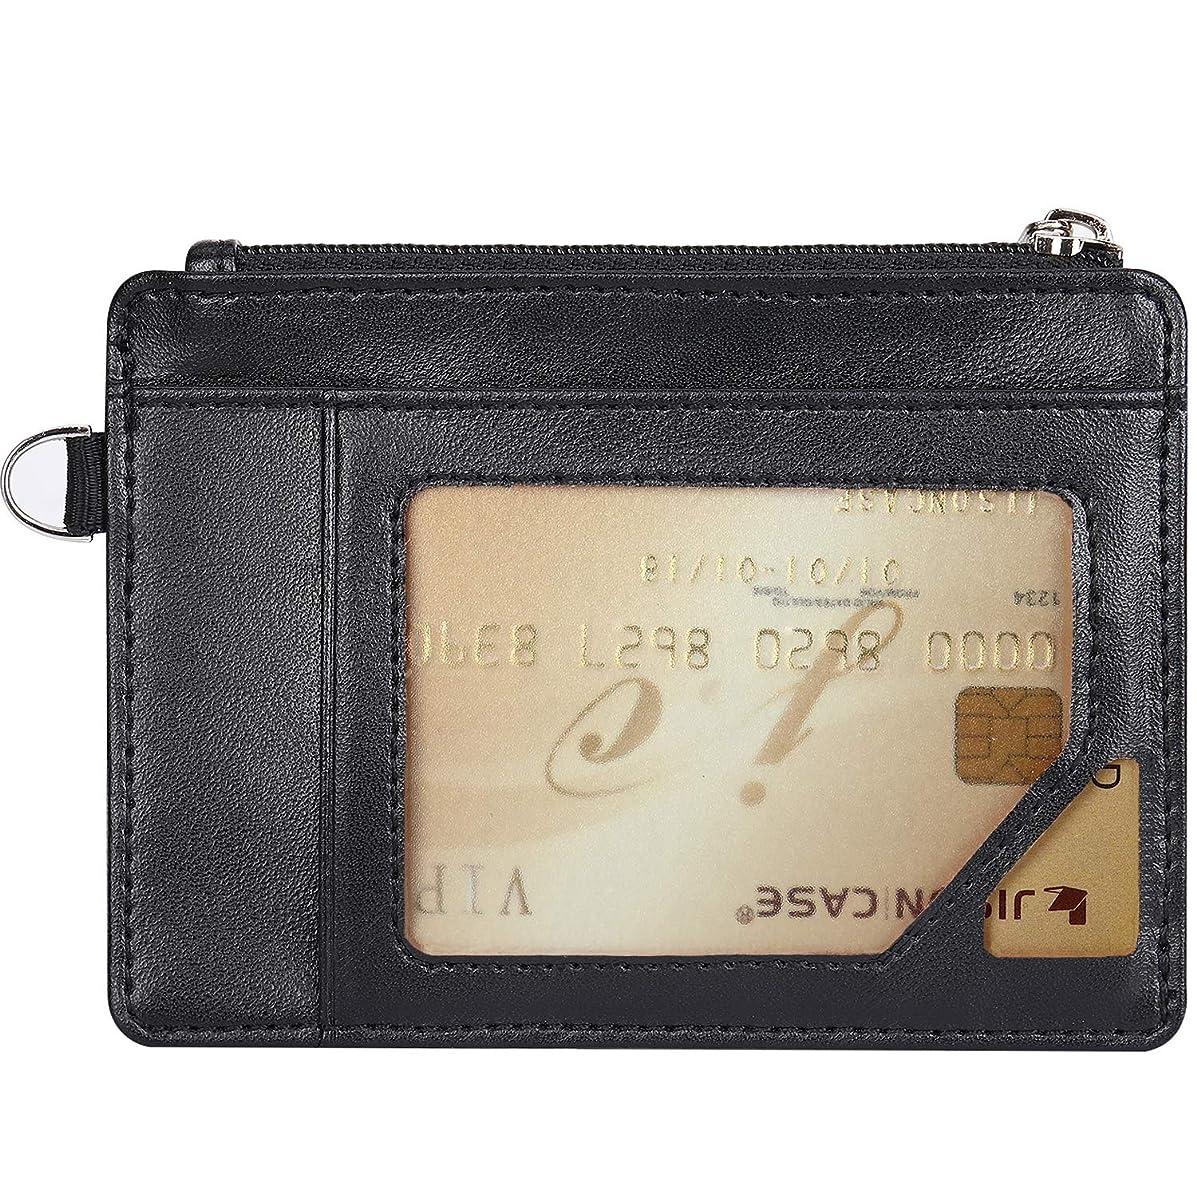 移行リスゲートカード入れ 免許証入れ パスケース 定期入れ 紙幣 ビジネス ファスナー 小銭入れ 薄型 大容量 財布 選べる3色